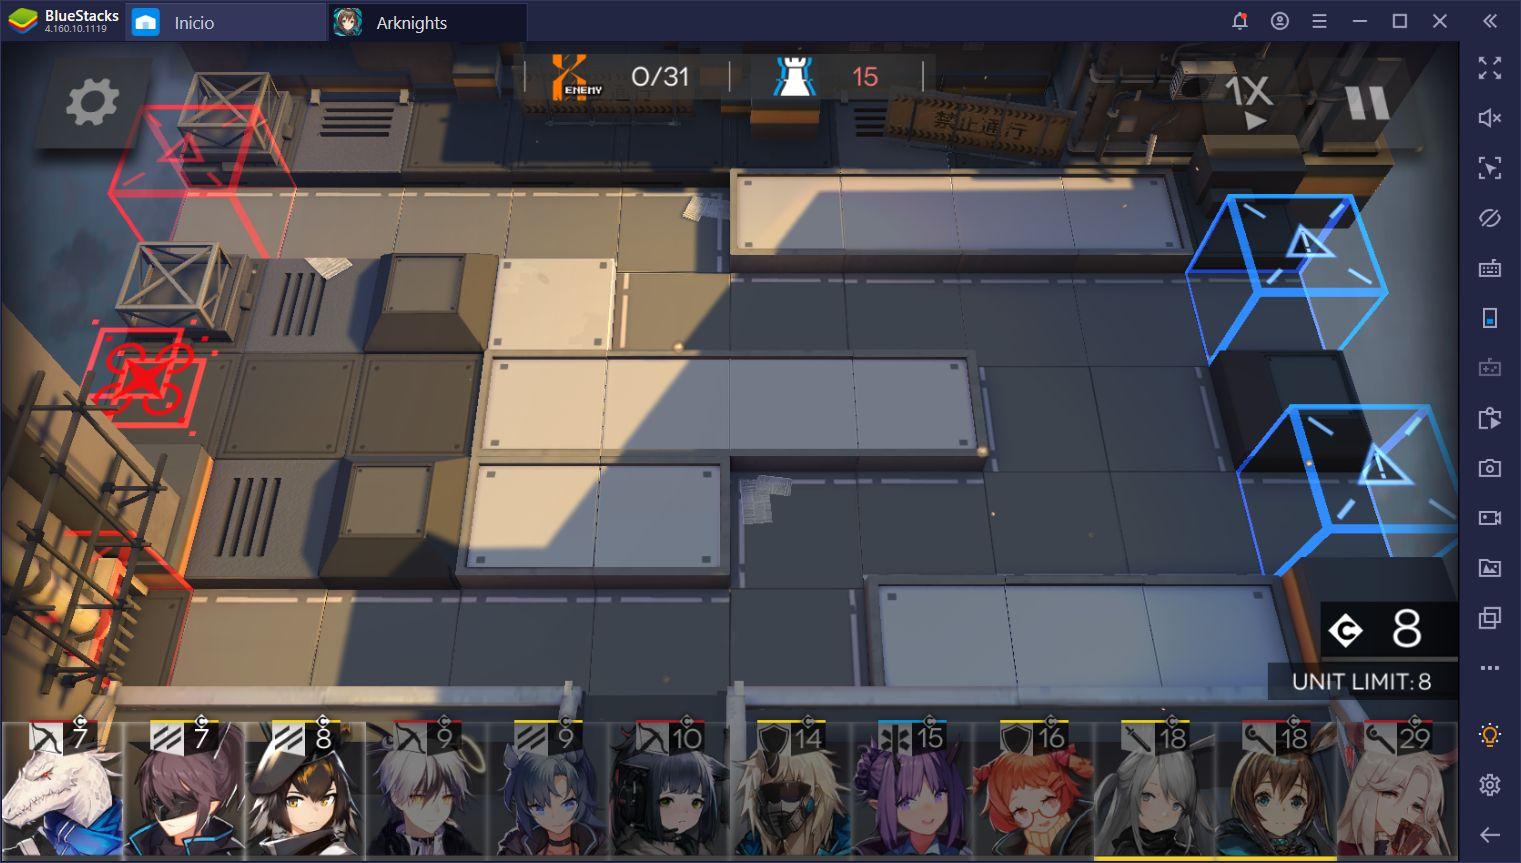 Arknights en PC - Cómo Defender tus Carriles con BlueStacks